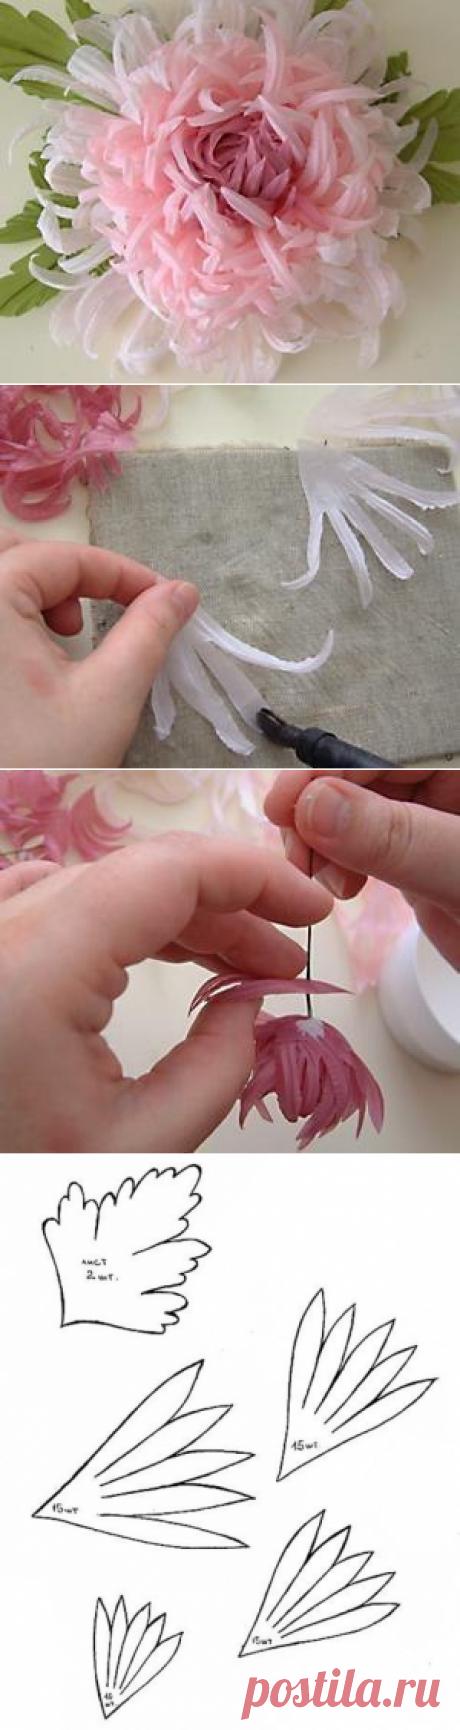 Хризантема - цветок из тонкой ткани — Сделай сам, идеи для творчества - DIY Ideas